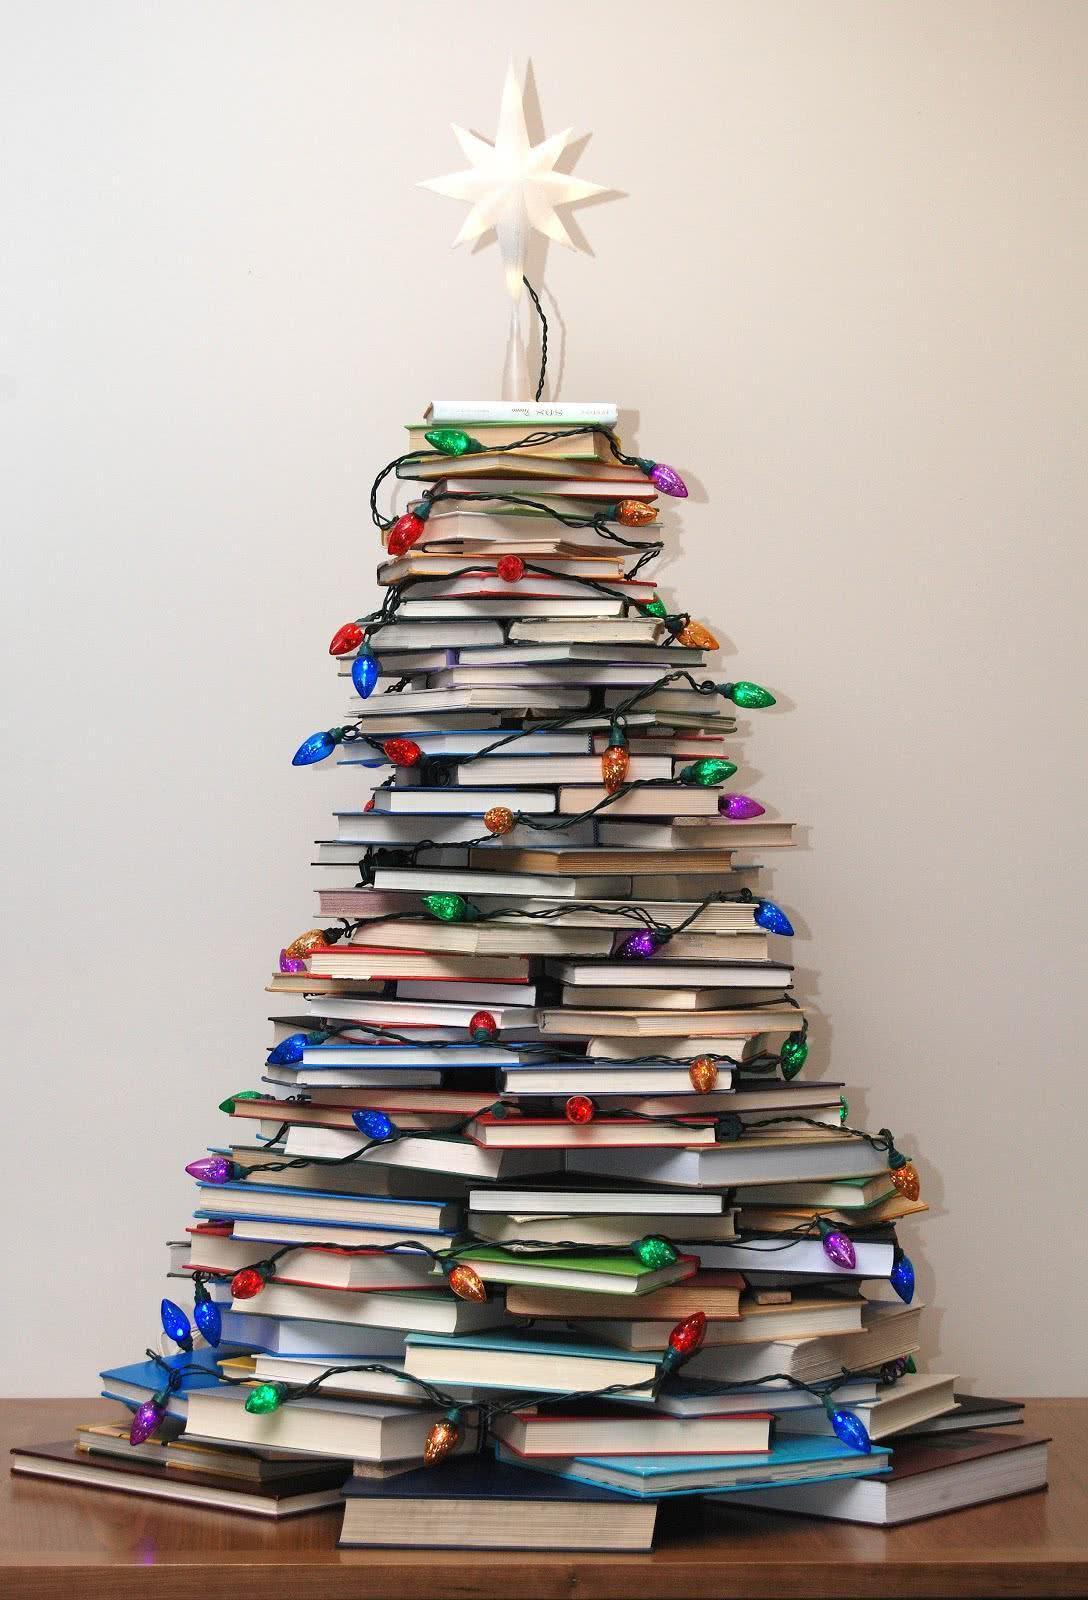 ideias para decorar arvore de natal branca : ideias para decorar arvore de natal branca:134 Fotos de Decoração de Natal – Mesas, Árvores e Mais